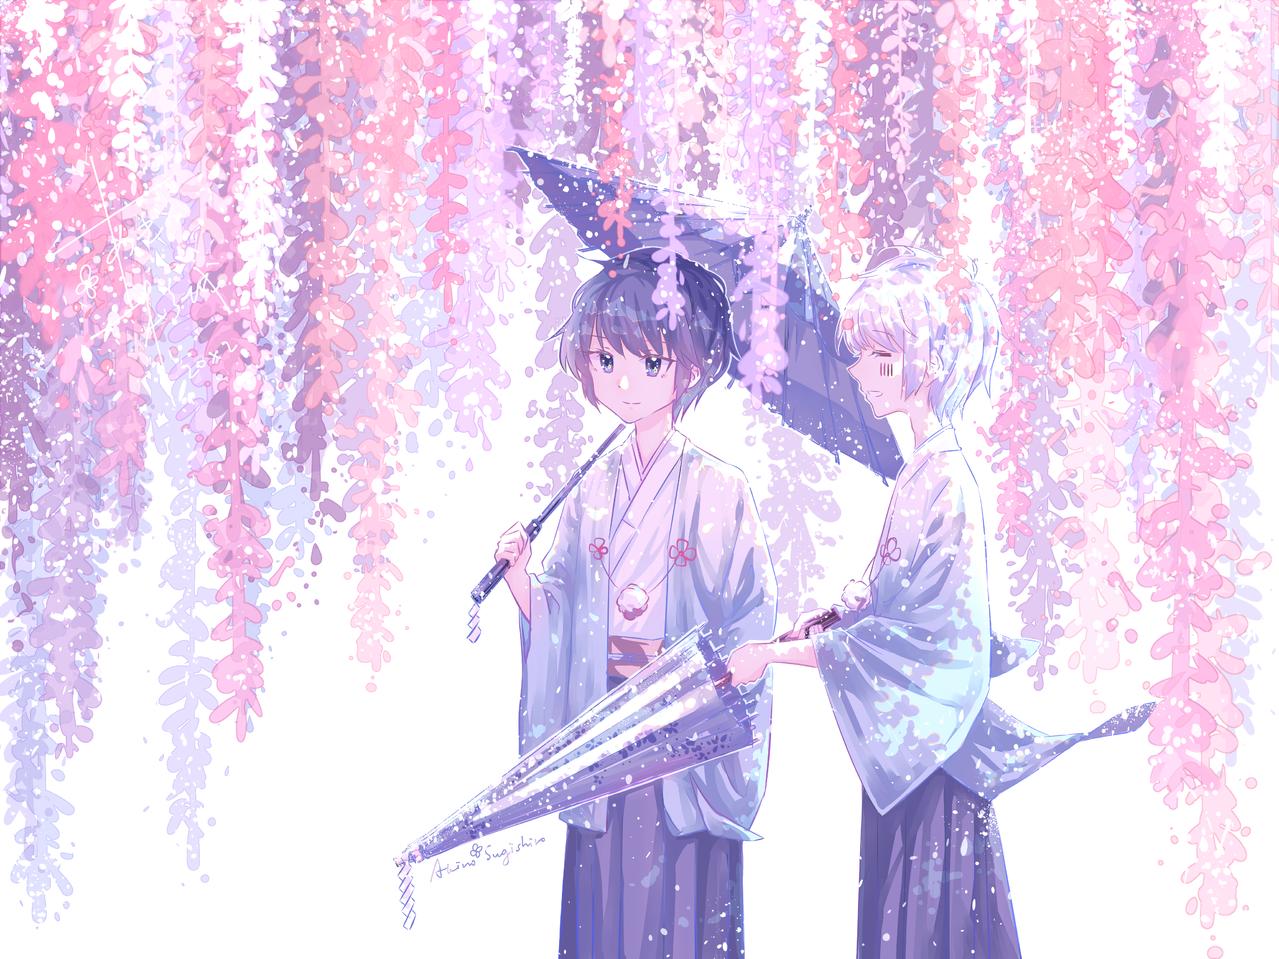 花吹雪はなふぶき Illust of Asashio杉城 mafumafu medibangpaint mafumafu&soraru AftertheRain soraru そらる AtR soramafu